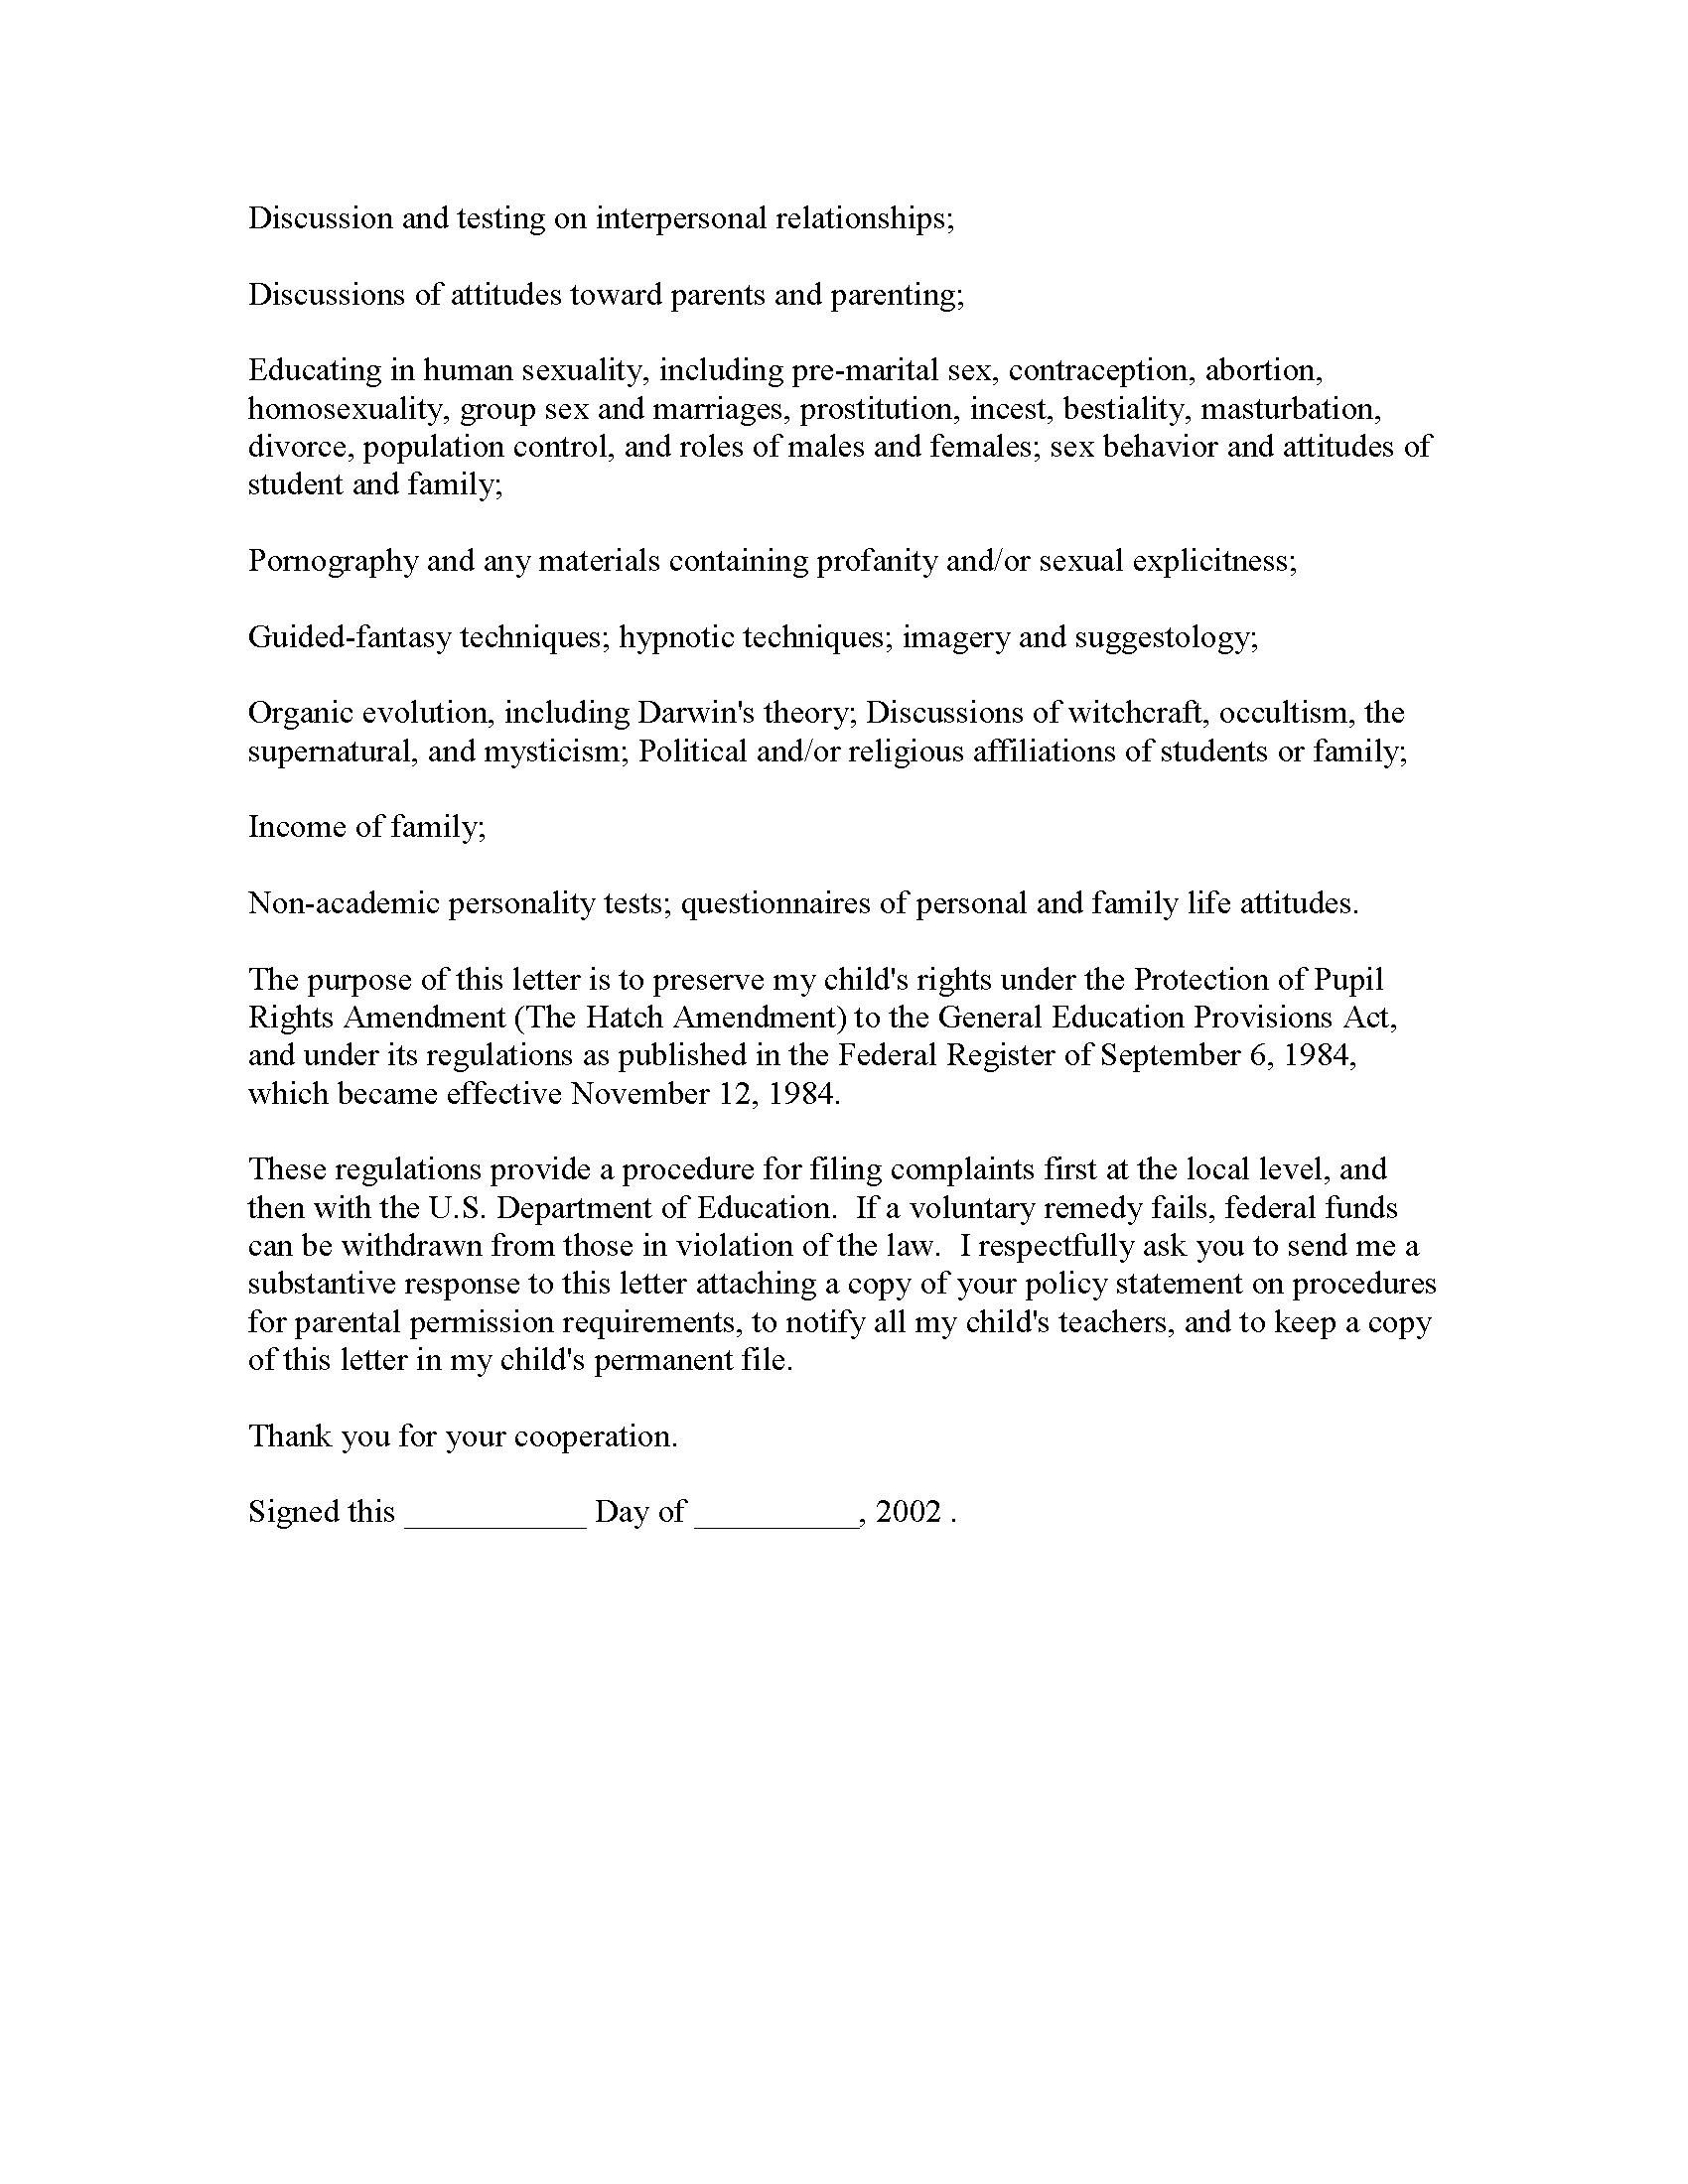 Sample Declaration Letter For Child Custody